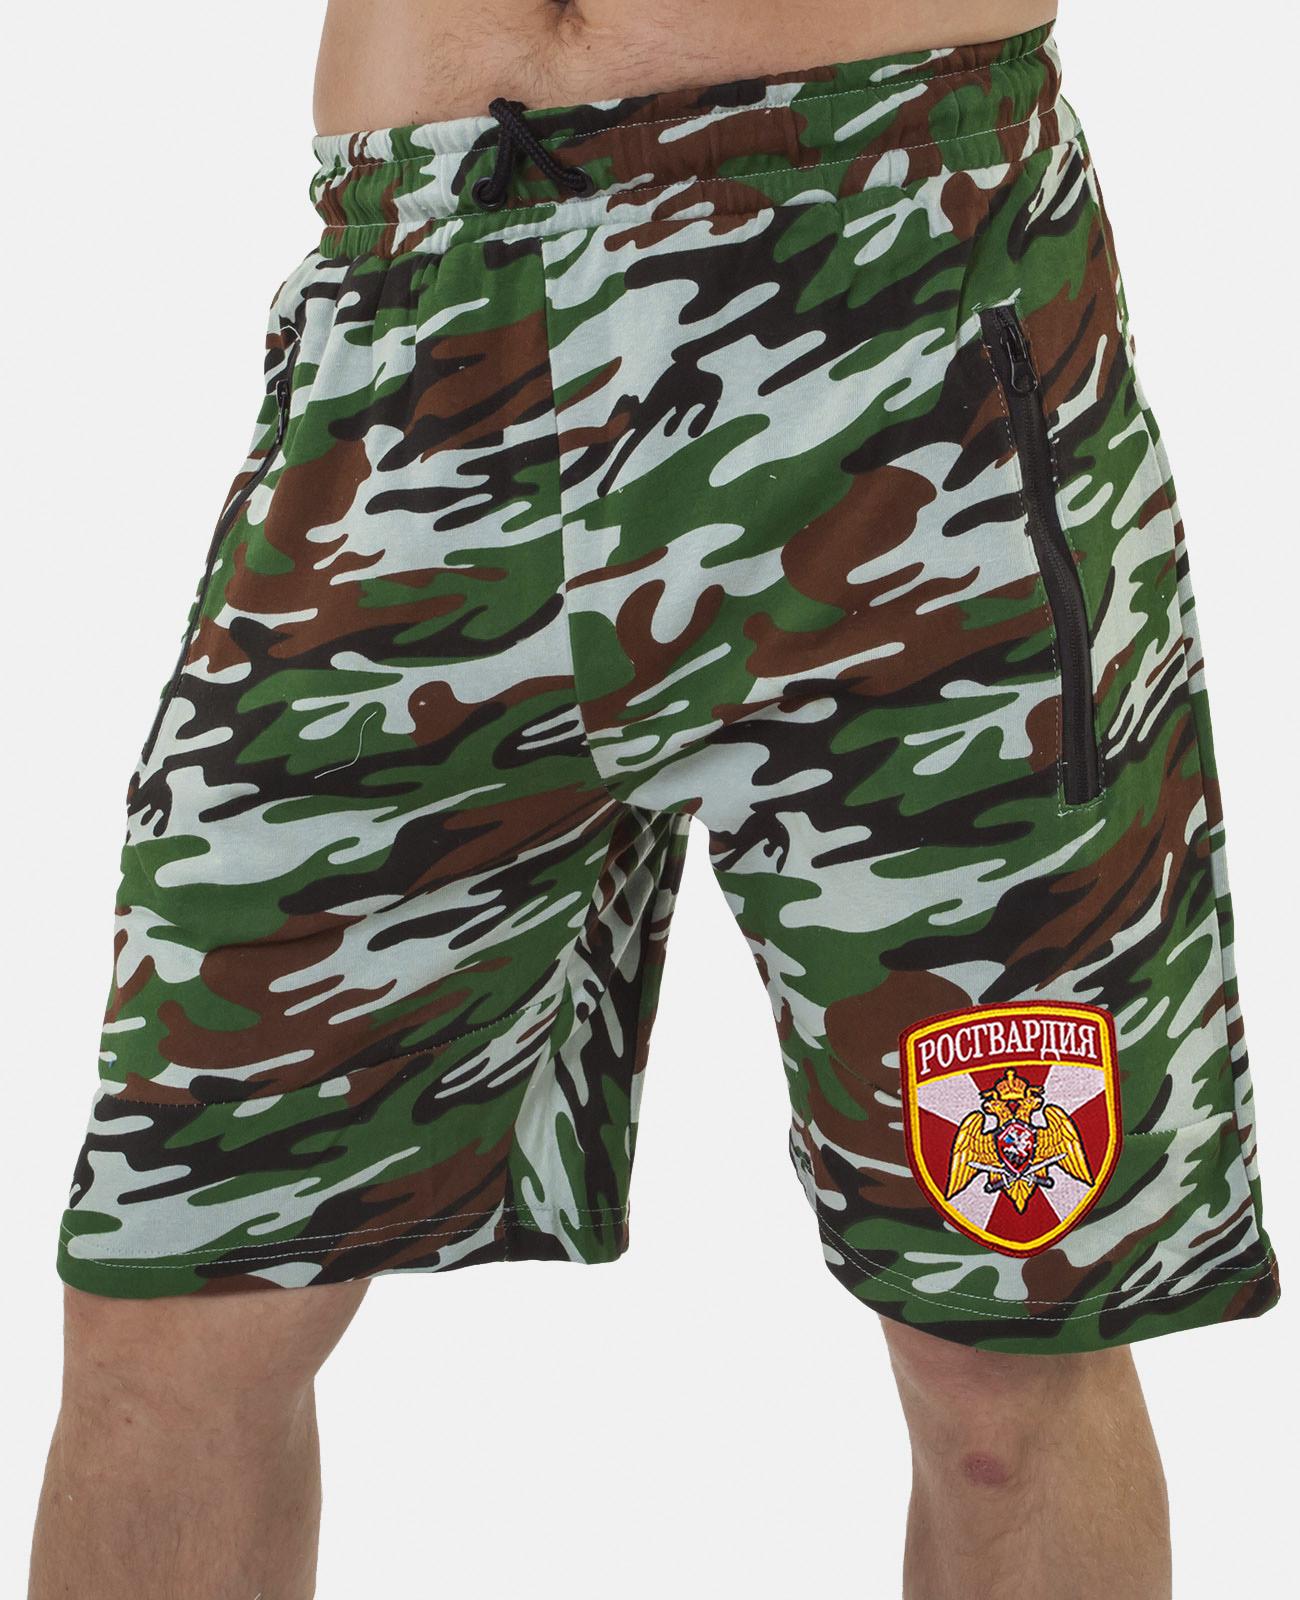 Купить надежные армейские шорты с нашивкой Росгвардия выгодно онлайн